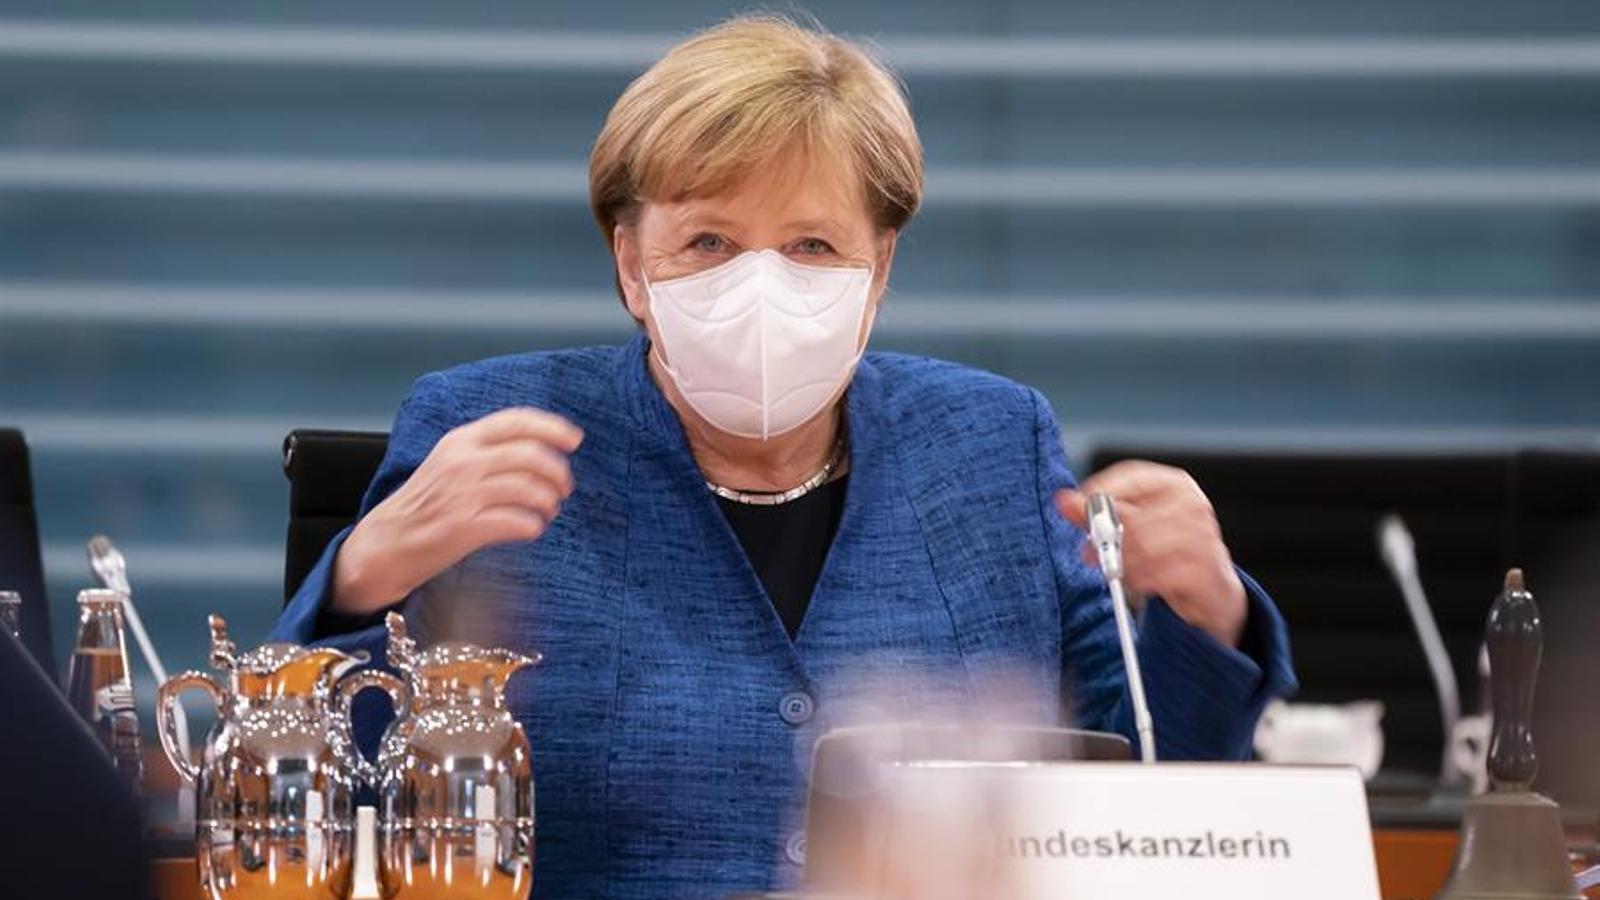 """Merkel avisa que venen mesos """"molt i molt complicats"""" pel covid-19"""